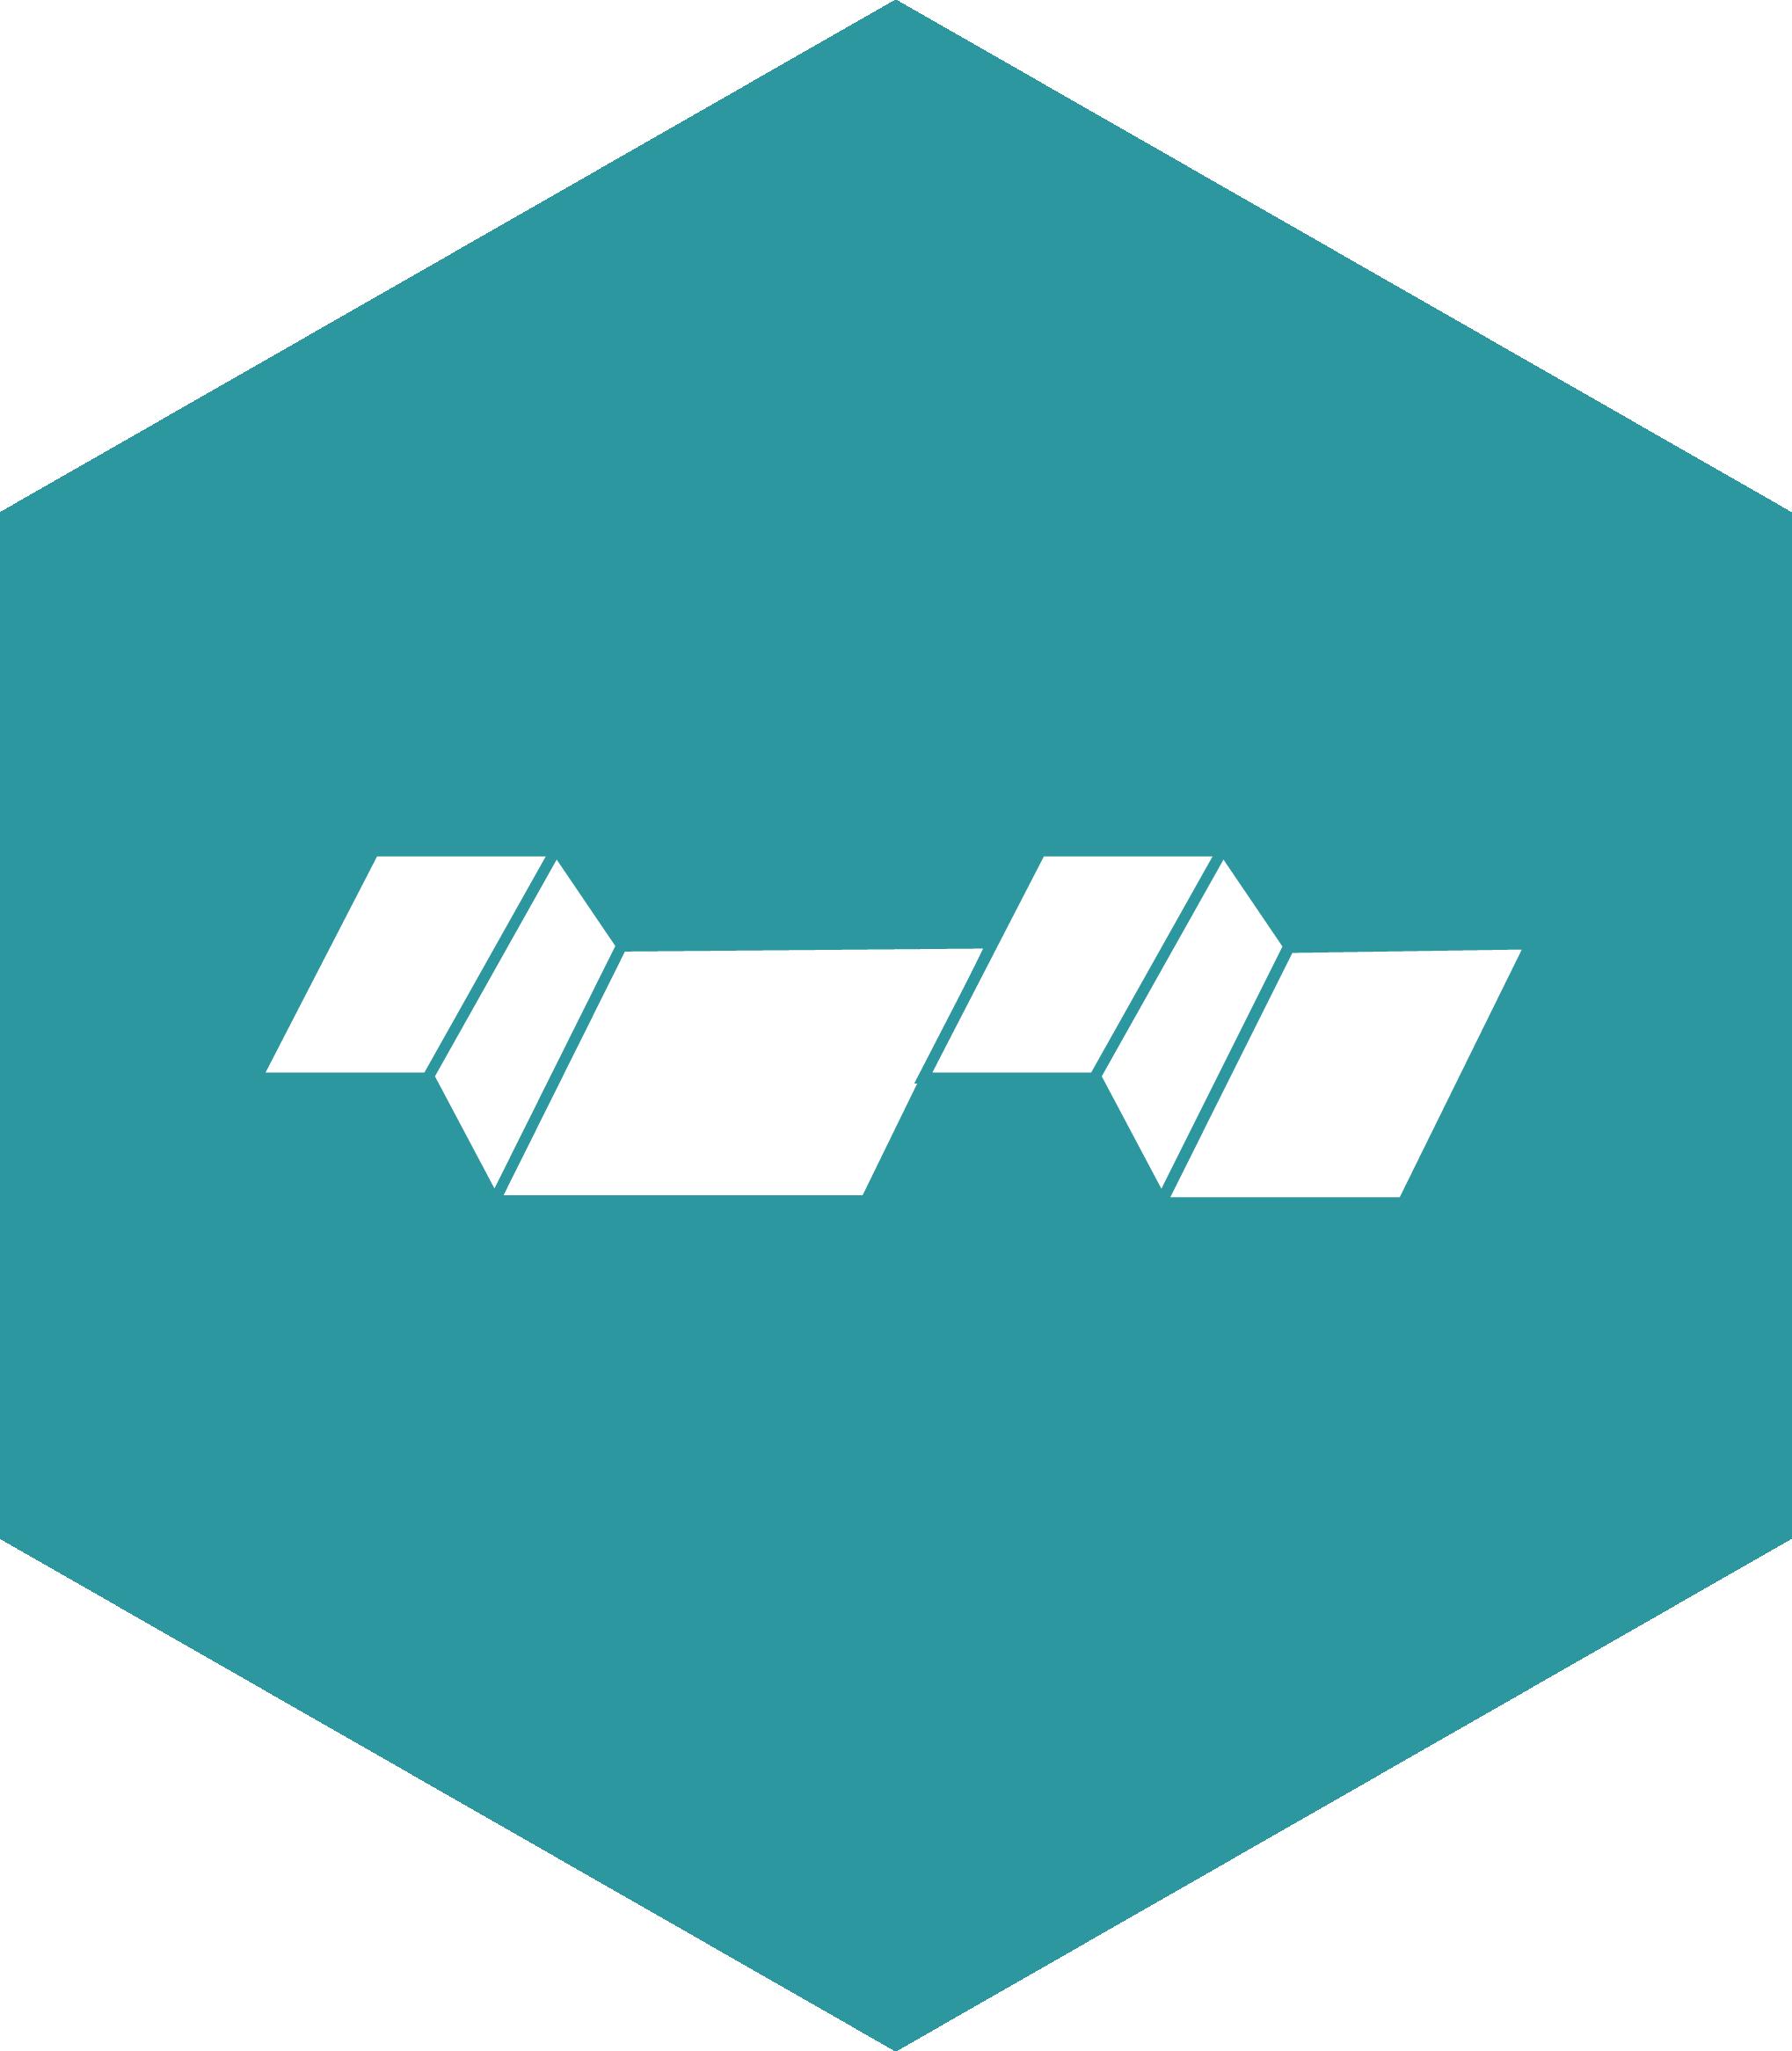 icone plan de calepinage bureau d'études structures métalliques